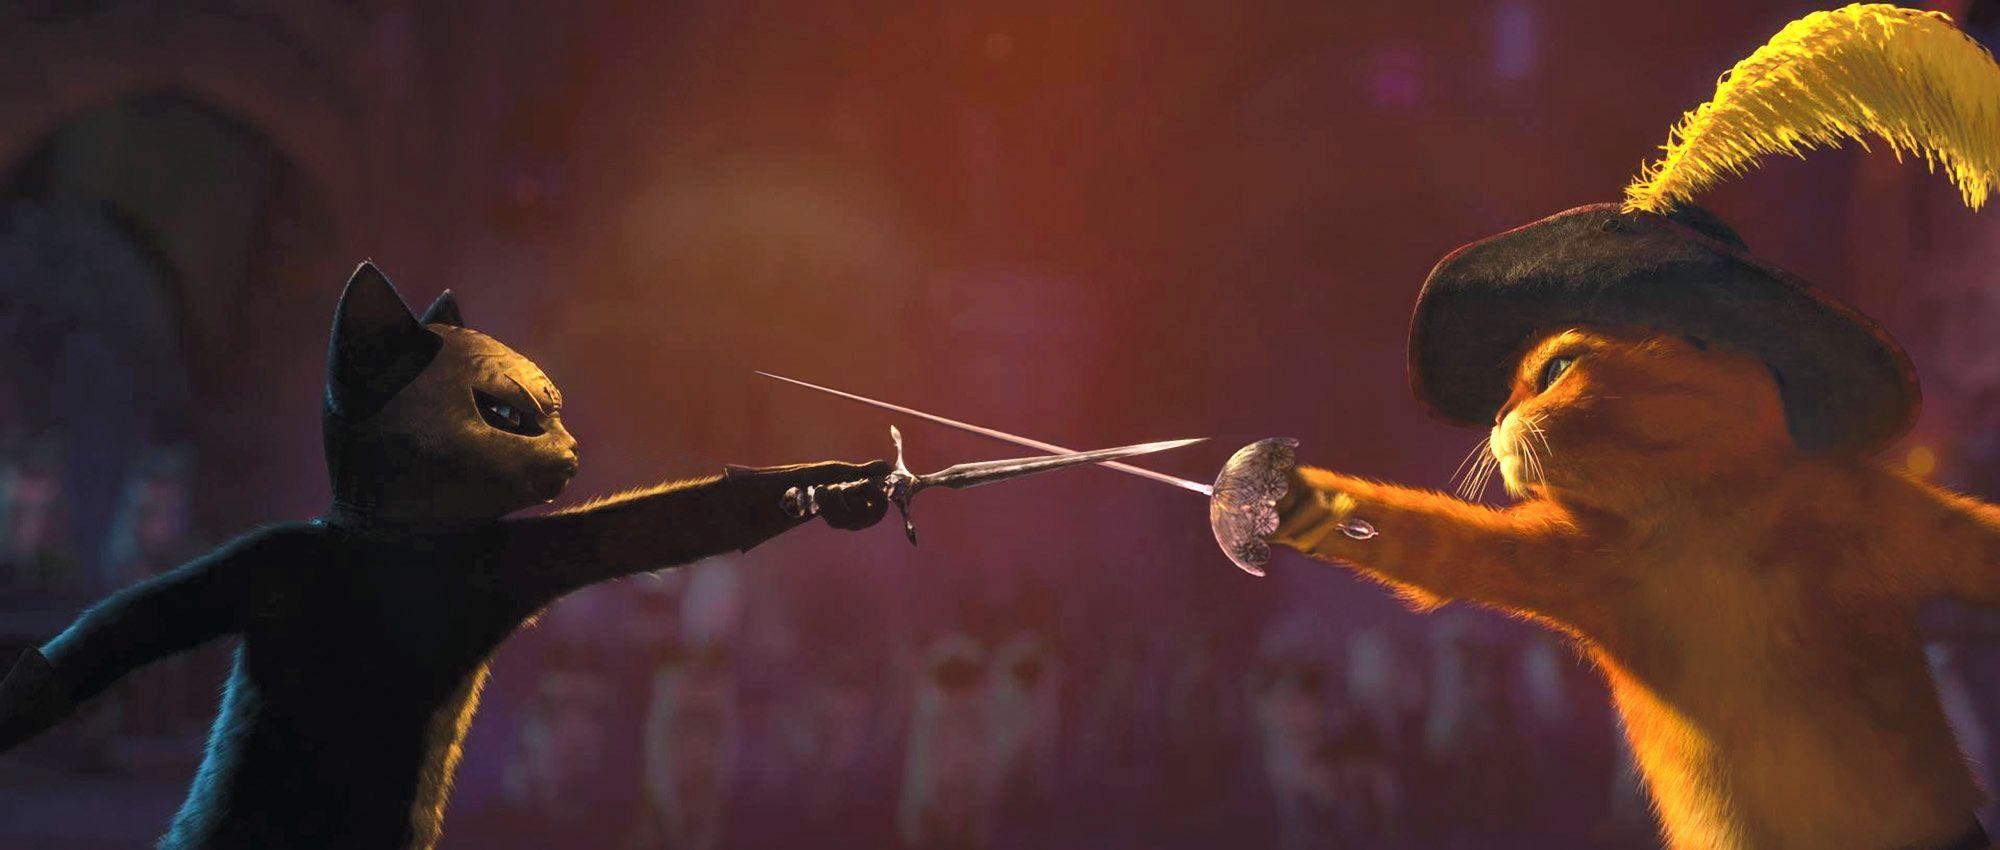 кадры из фильма Кот в сапогах